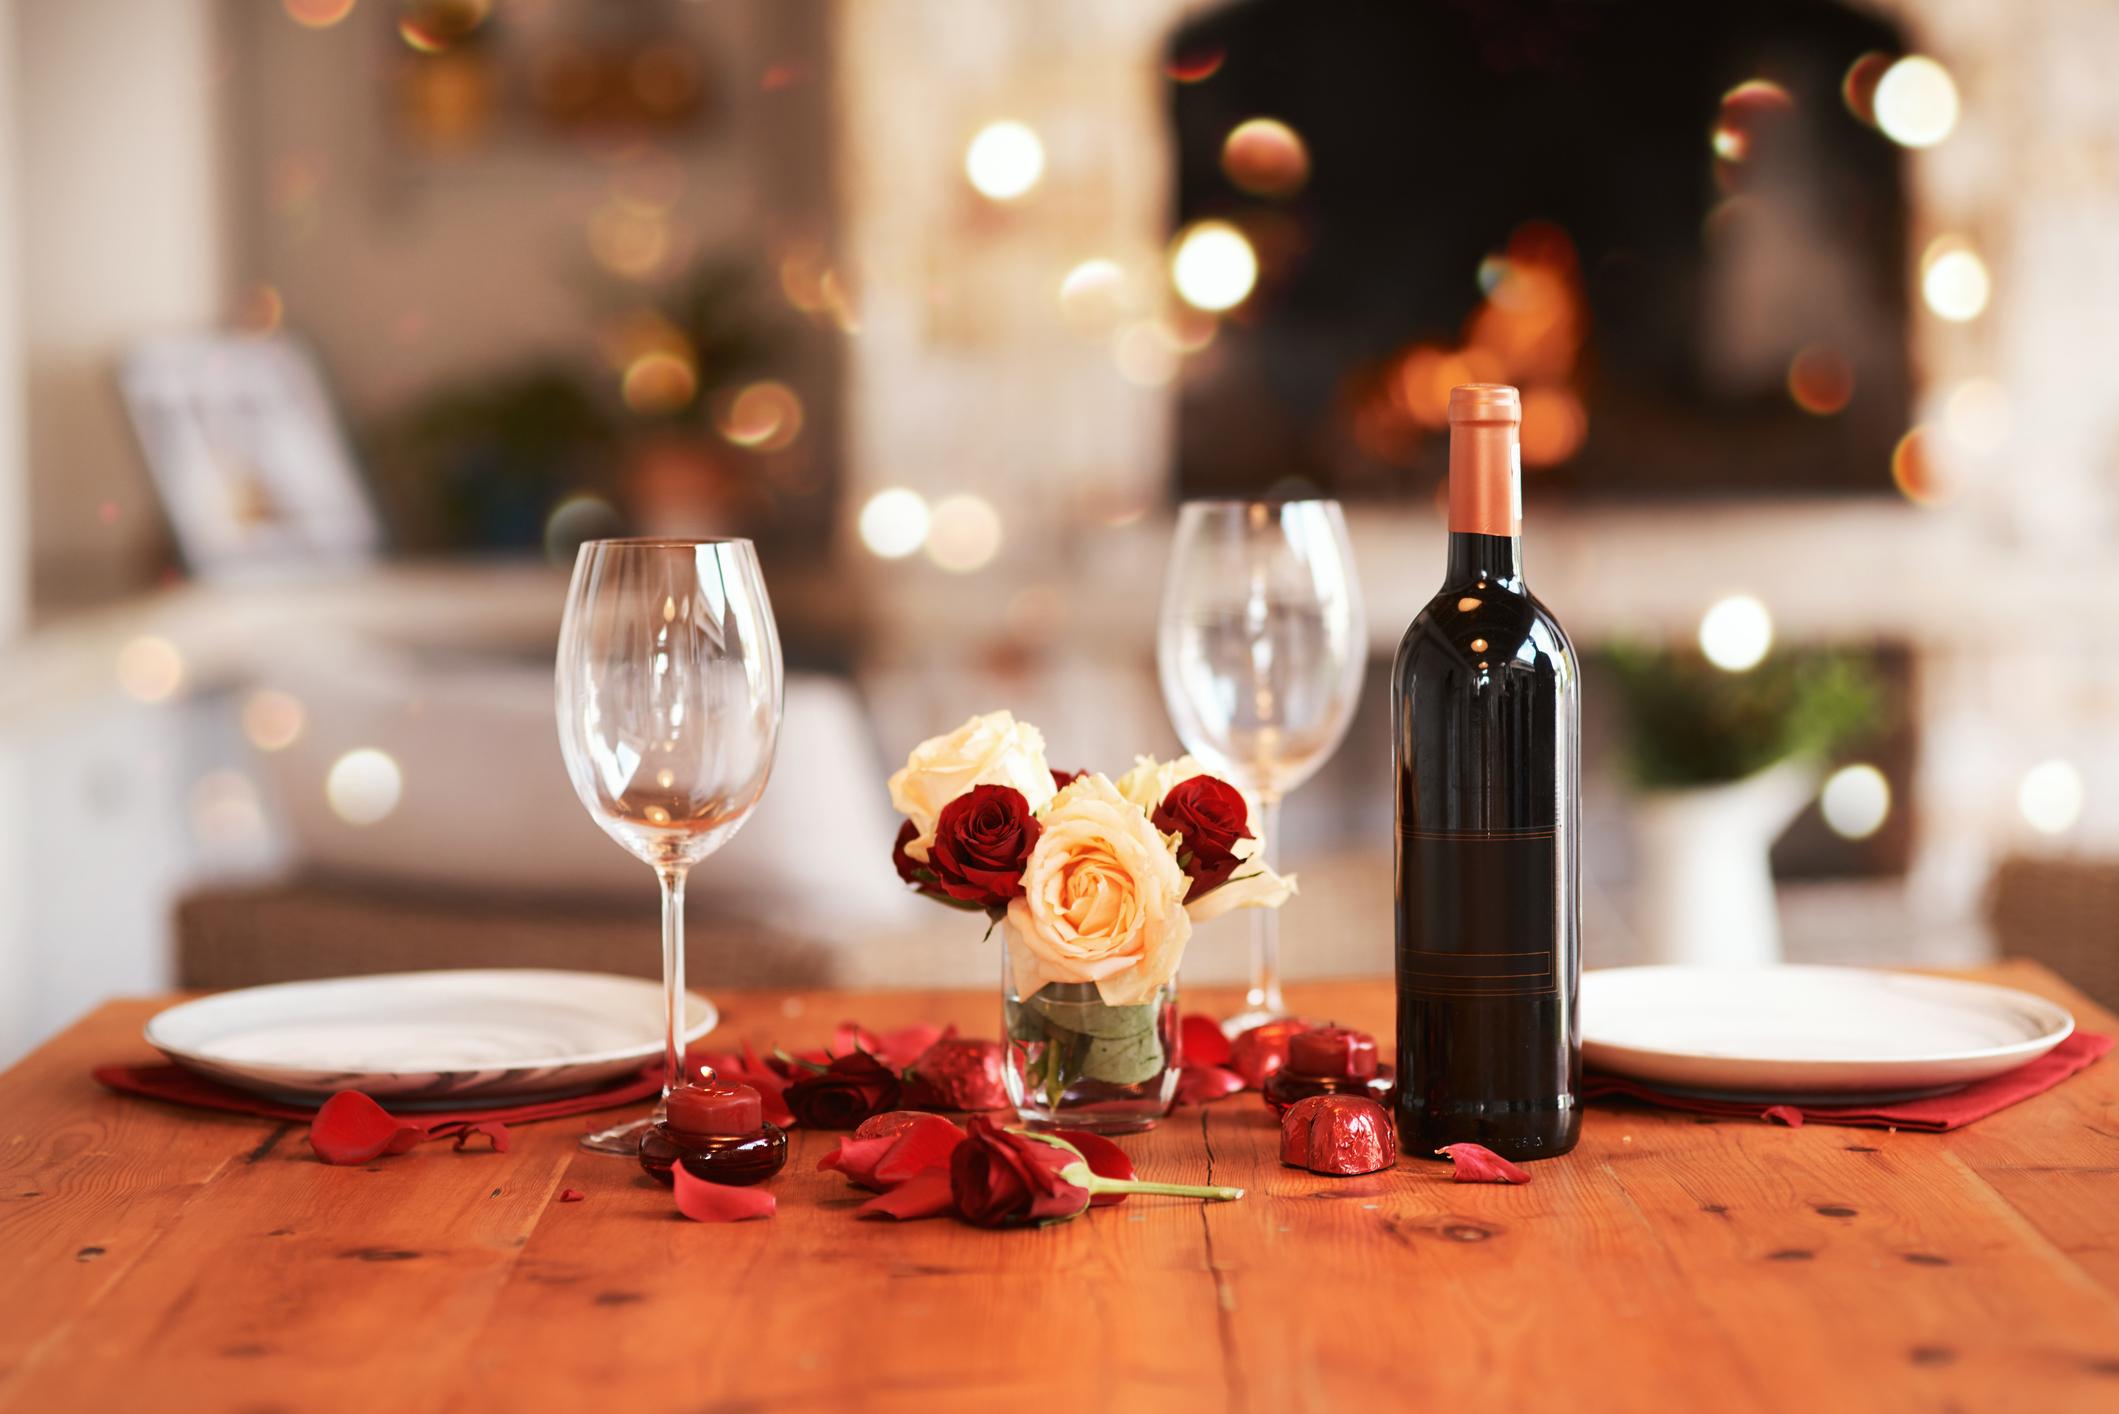 San Valentino: Ricette per una cena romantica